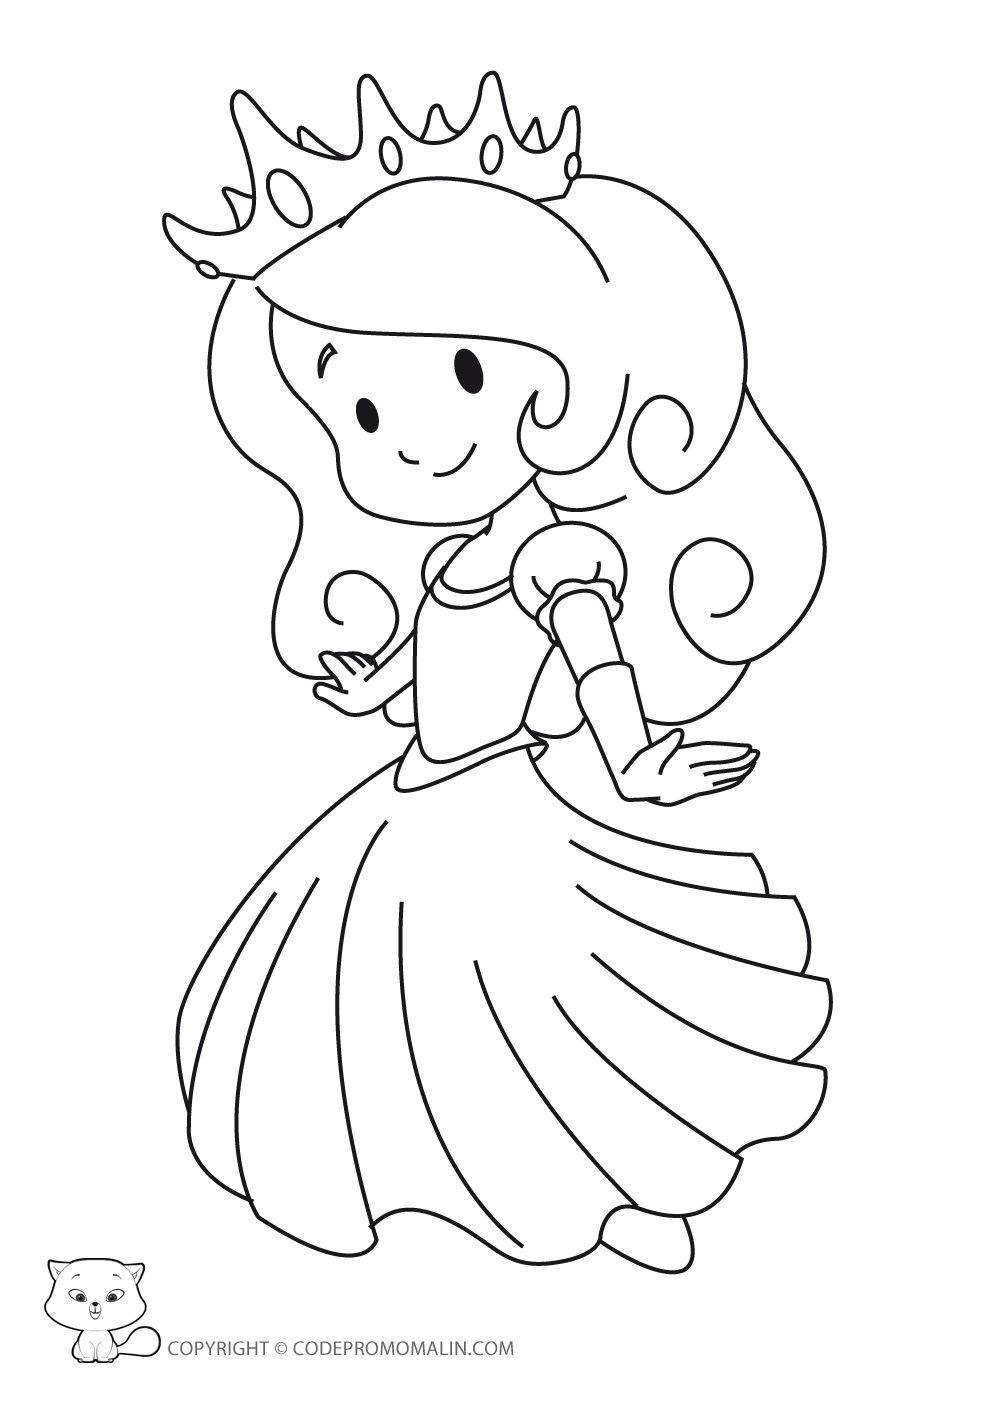 Nos Jeux De Coloriage Princesse À Imprimer Gratuit intérieur Princesse À Colorier Gratuit